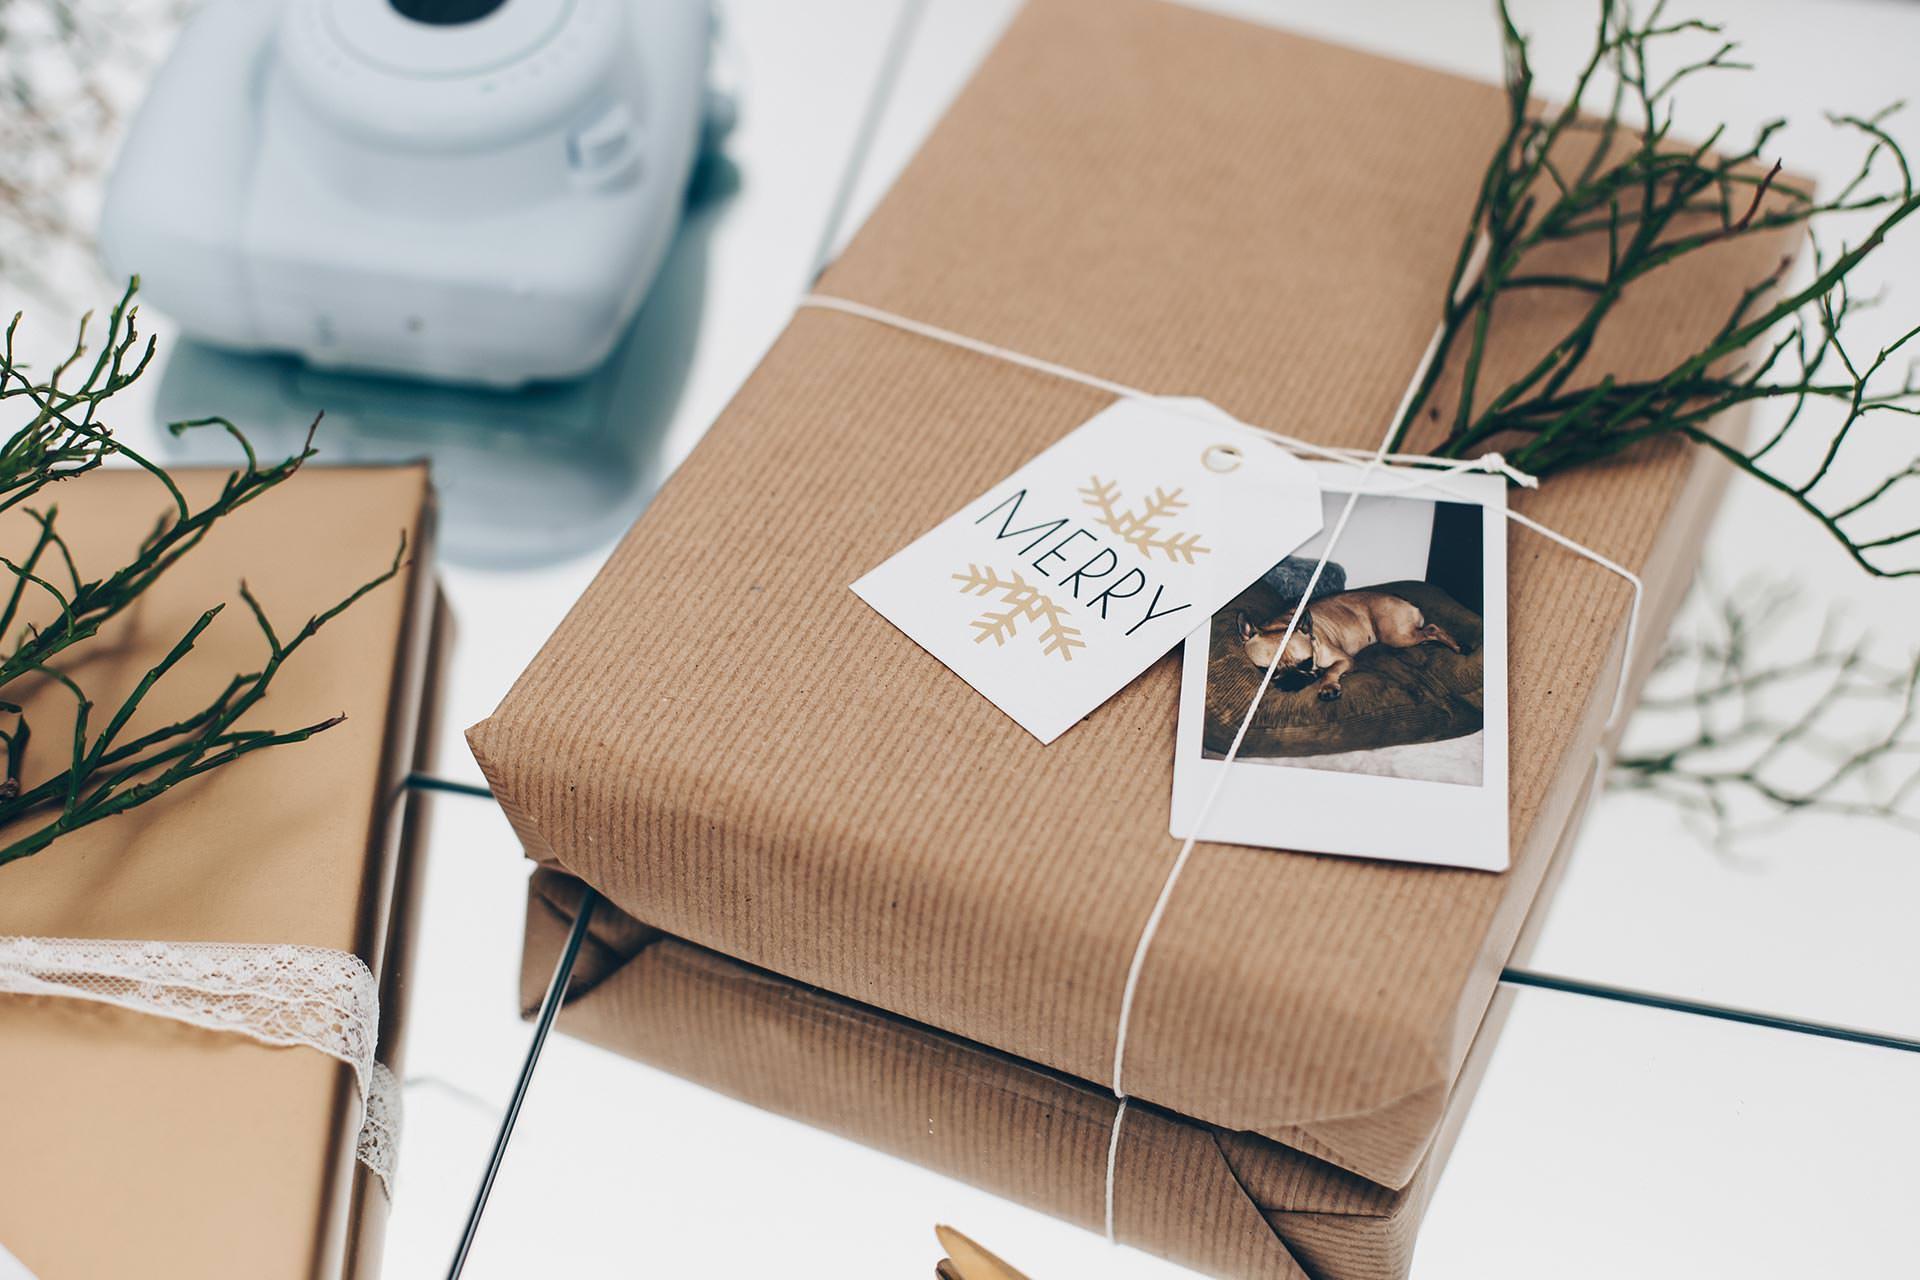 Geschenke Blog  Einfache und kreative Geschenkverpackungen für Weihnachten